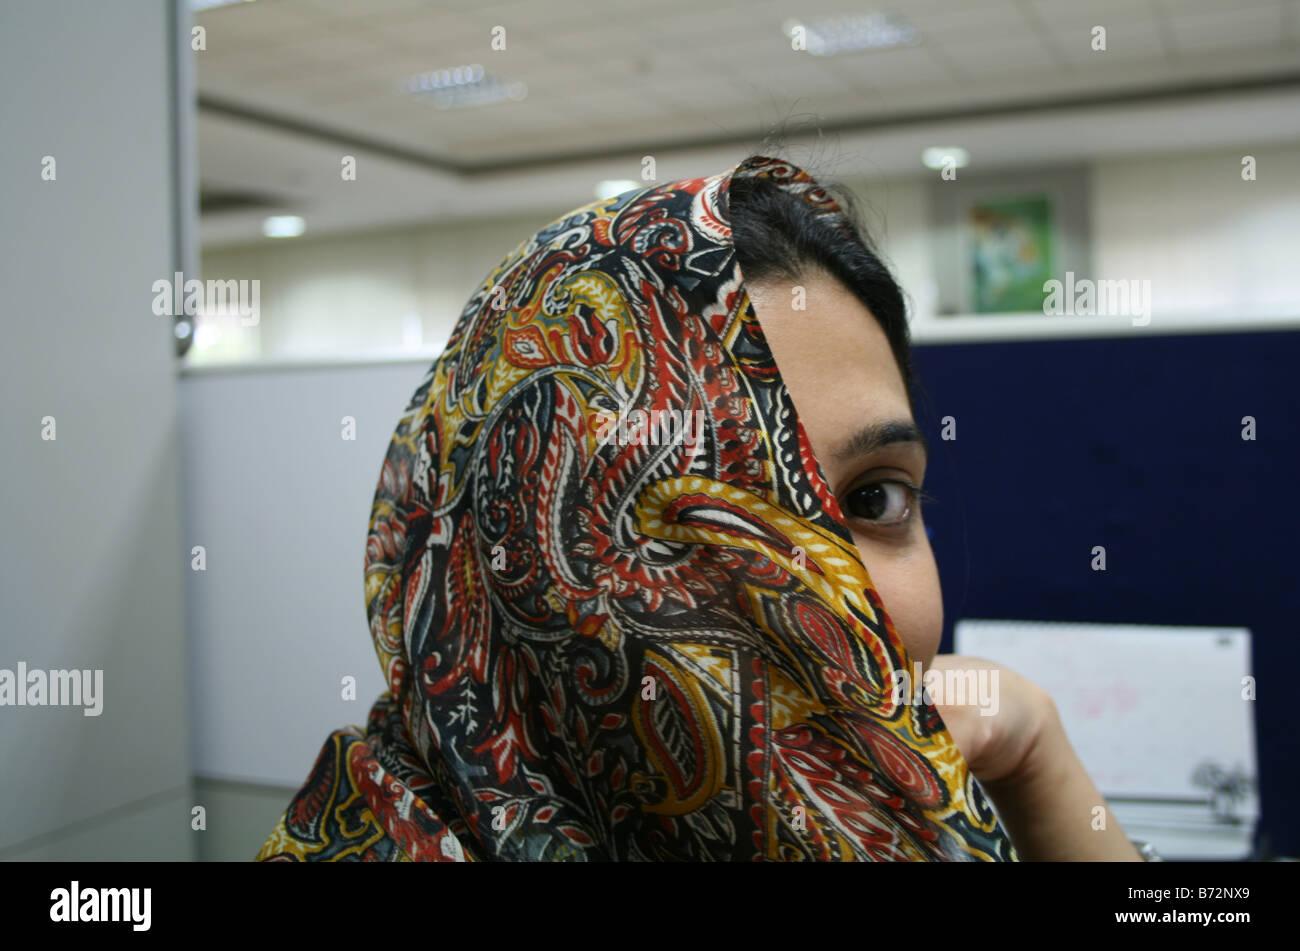 Cara de jóvenes musulmanes chica corporativa cubiertos parcialmente con un diseñador Parda trabajan en Imagen De Stock